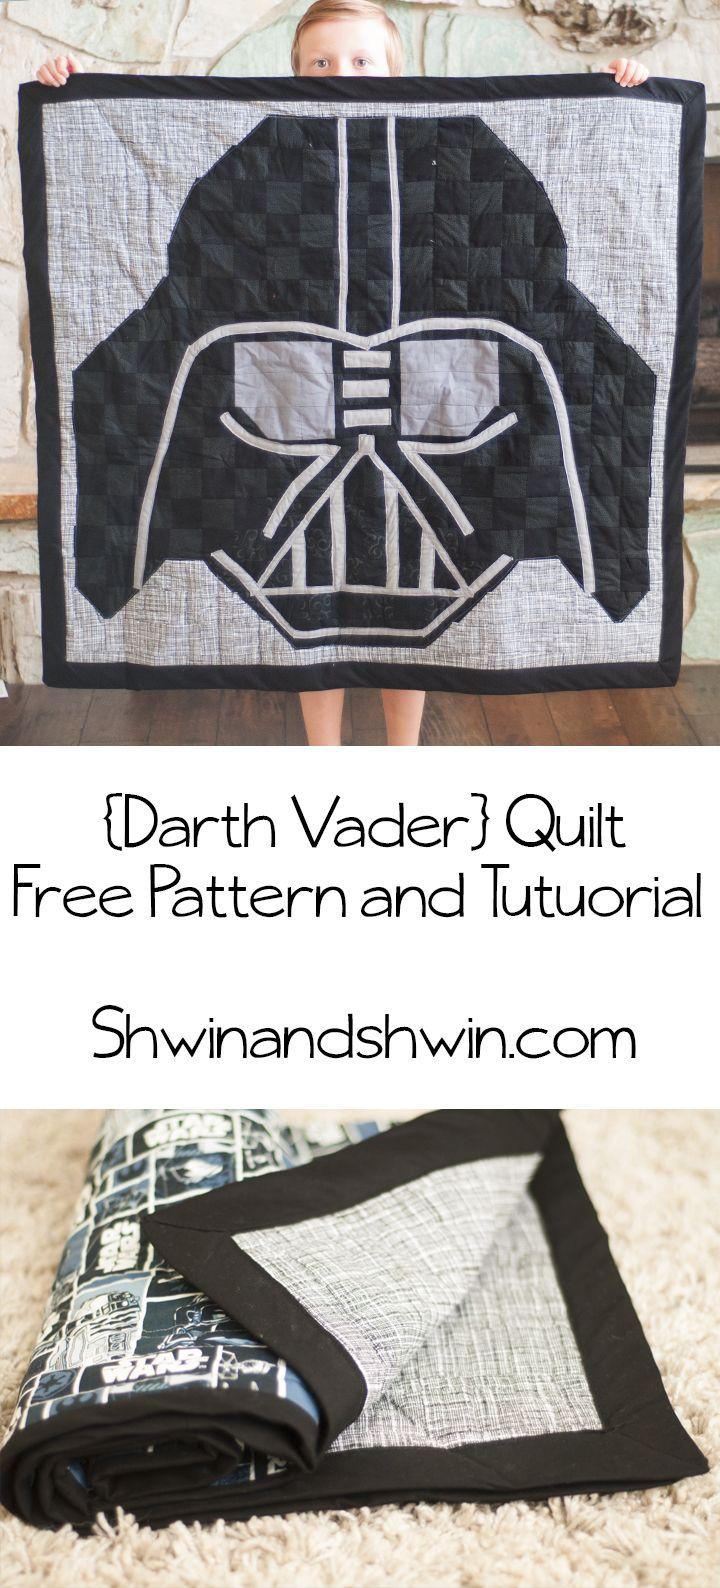 Darth Vader Quilt || Free Pattern